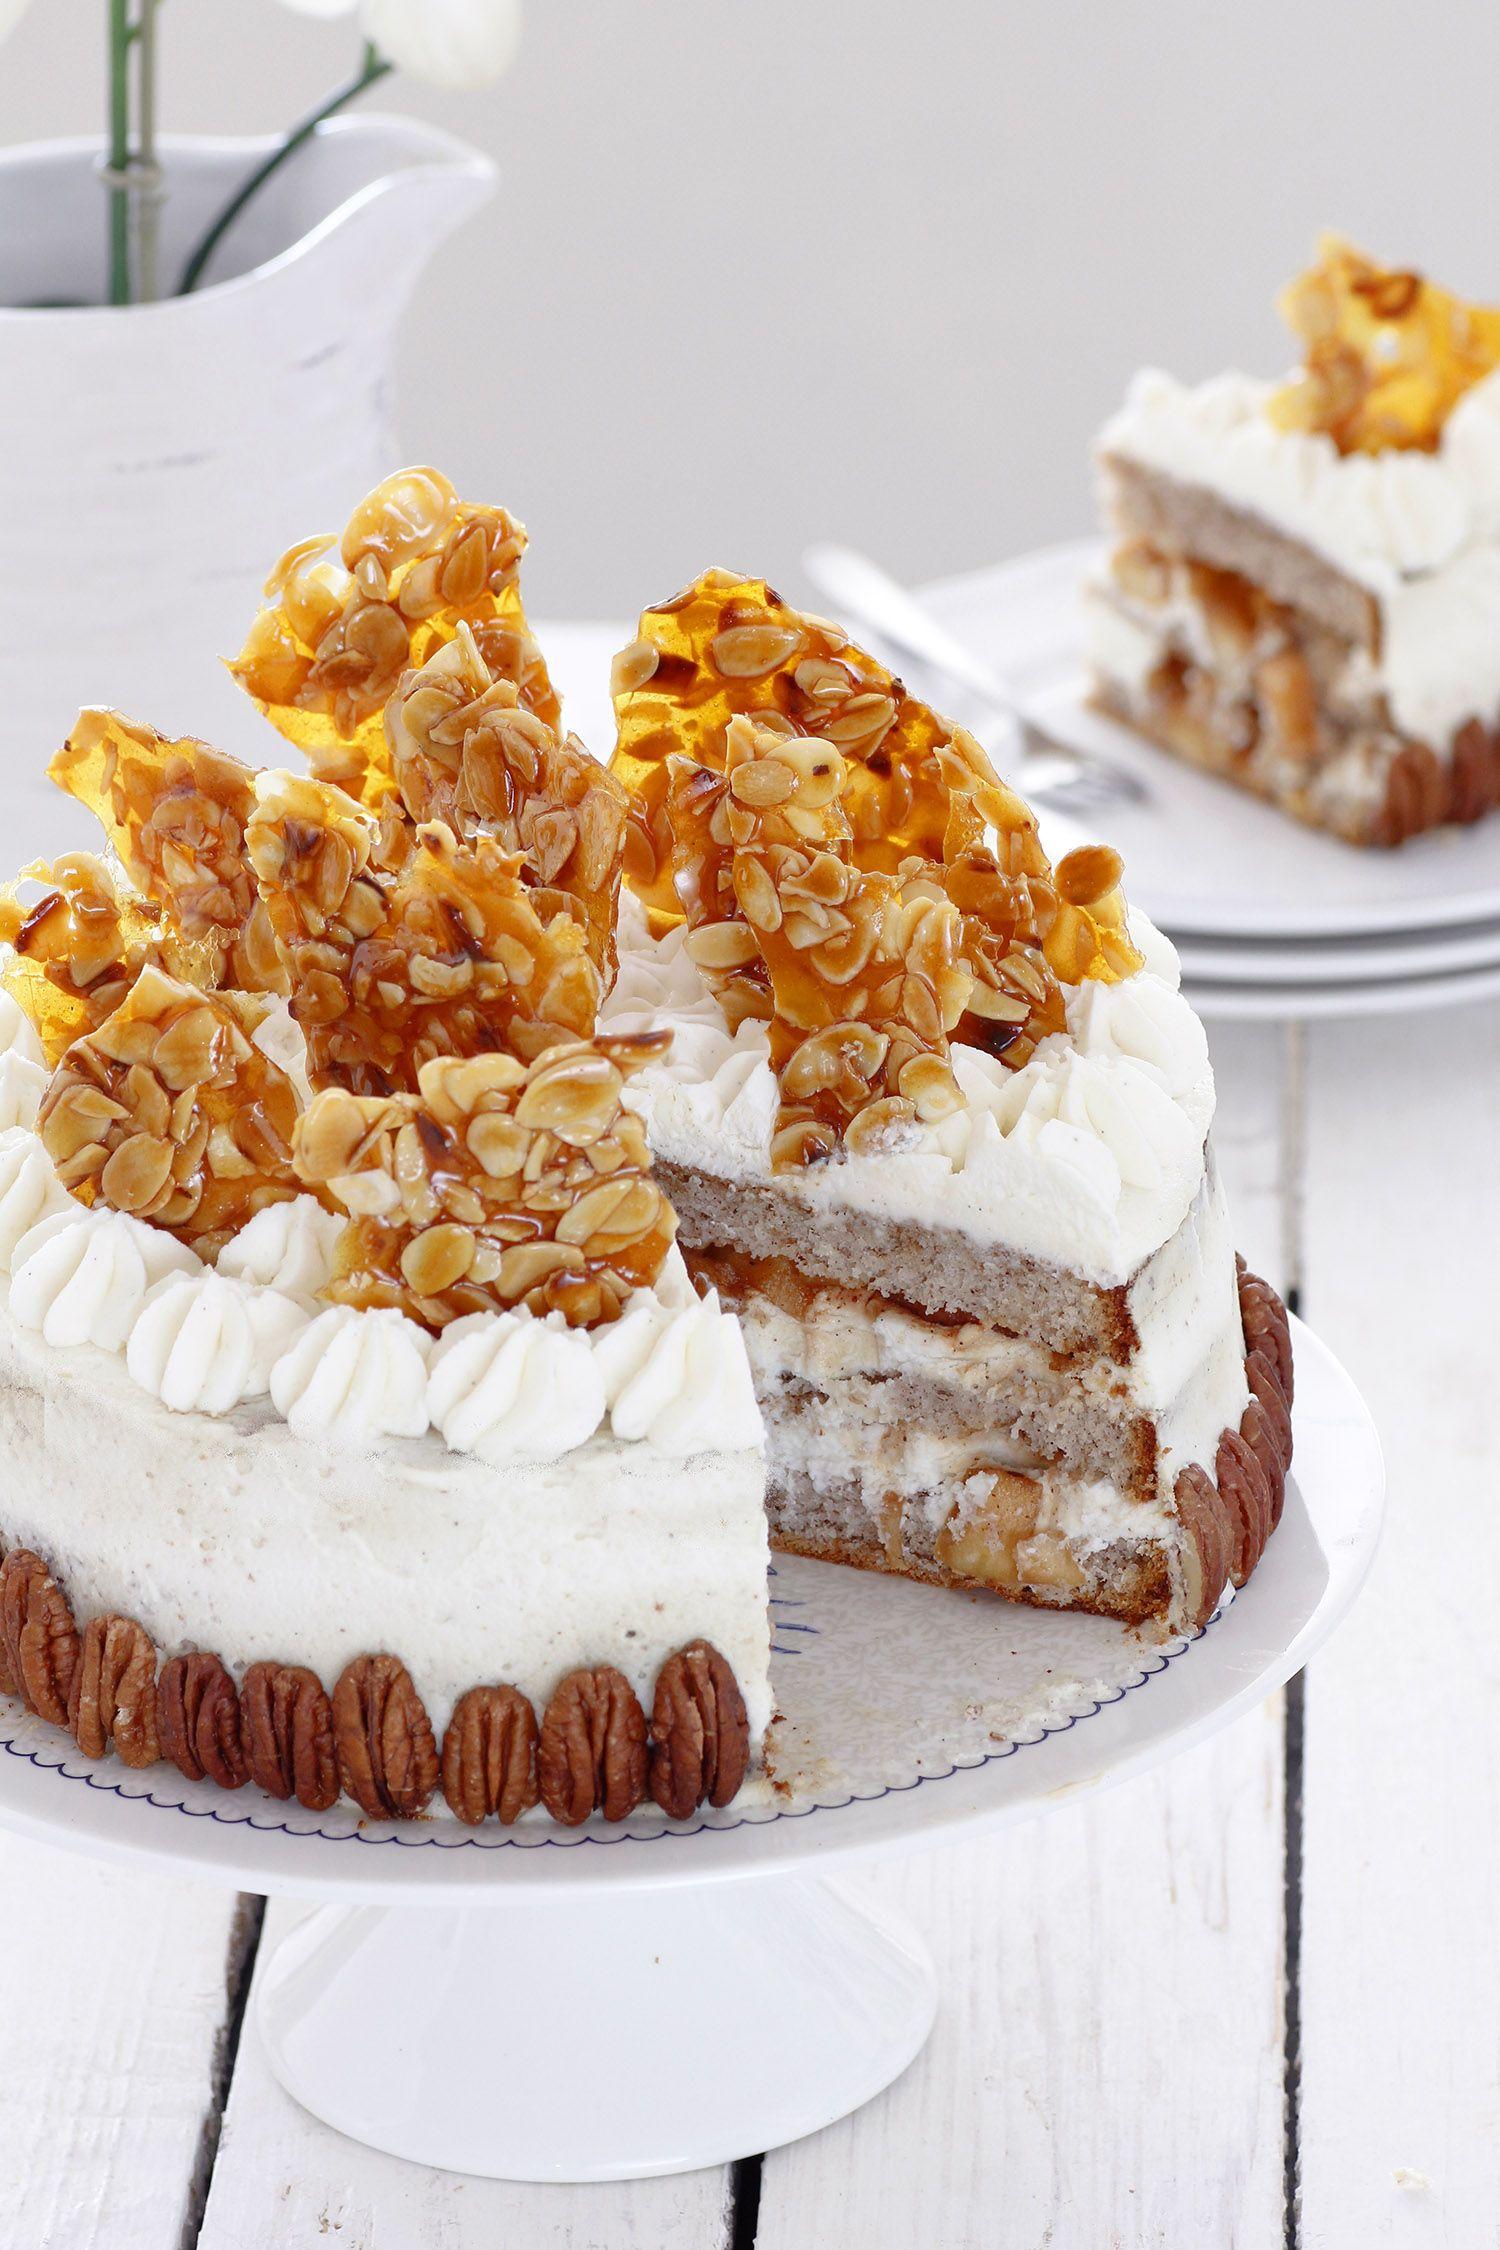 עוגת שכבות פקאן ותפוחים מקורמלים עם קרם מסקרפונה | צילום: נטלי לוין